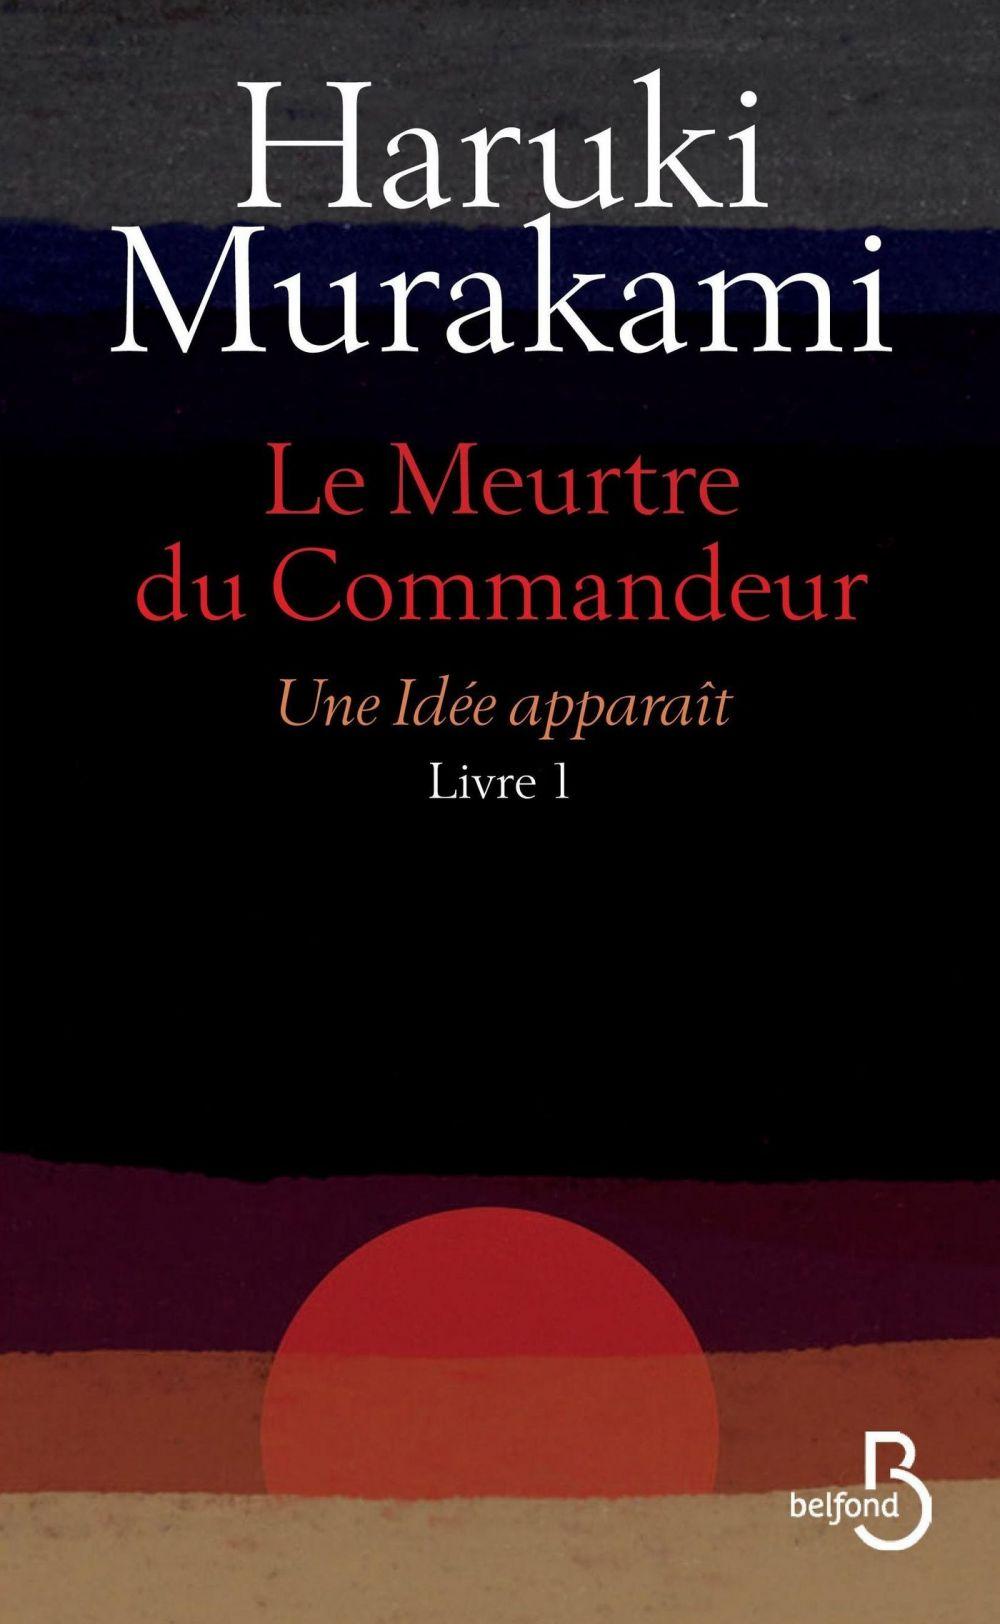 Le Meurtre du Commandeur, livre 1 : Une idée apparaît | MURAKAMI, Haruki. Auteur